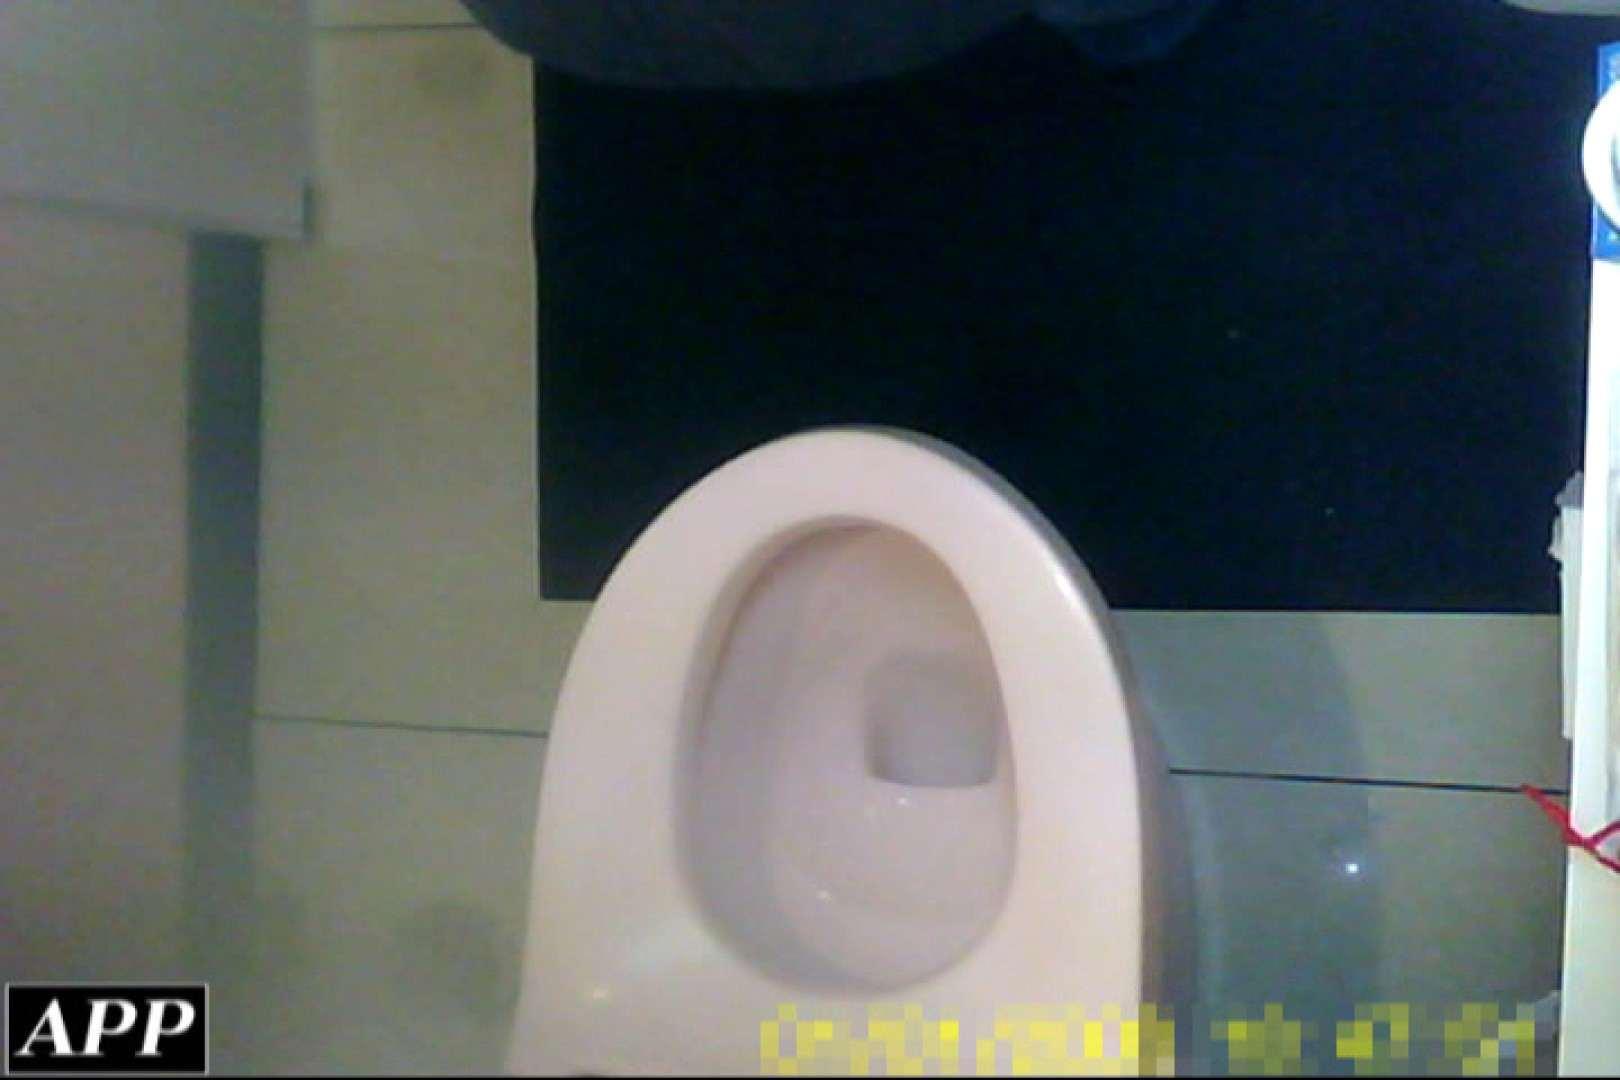 3視点洗面所 vol.063 OLの実態 | 洗面所  76pic 39